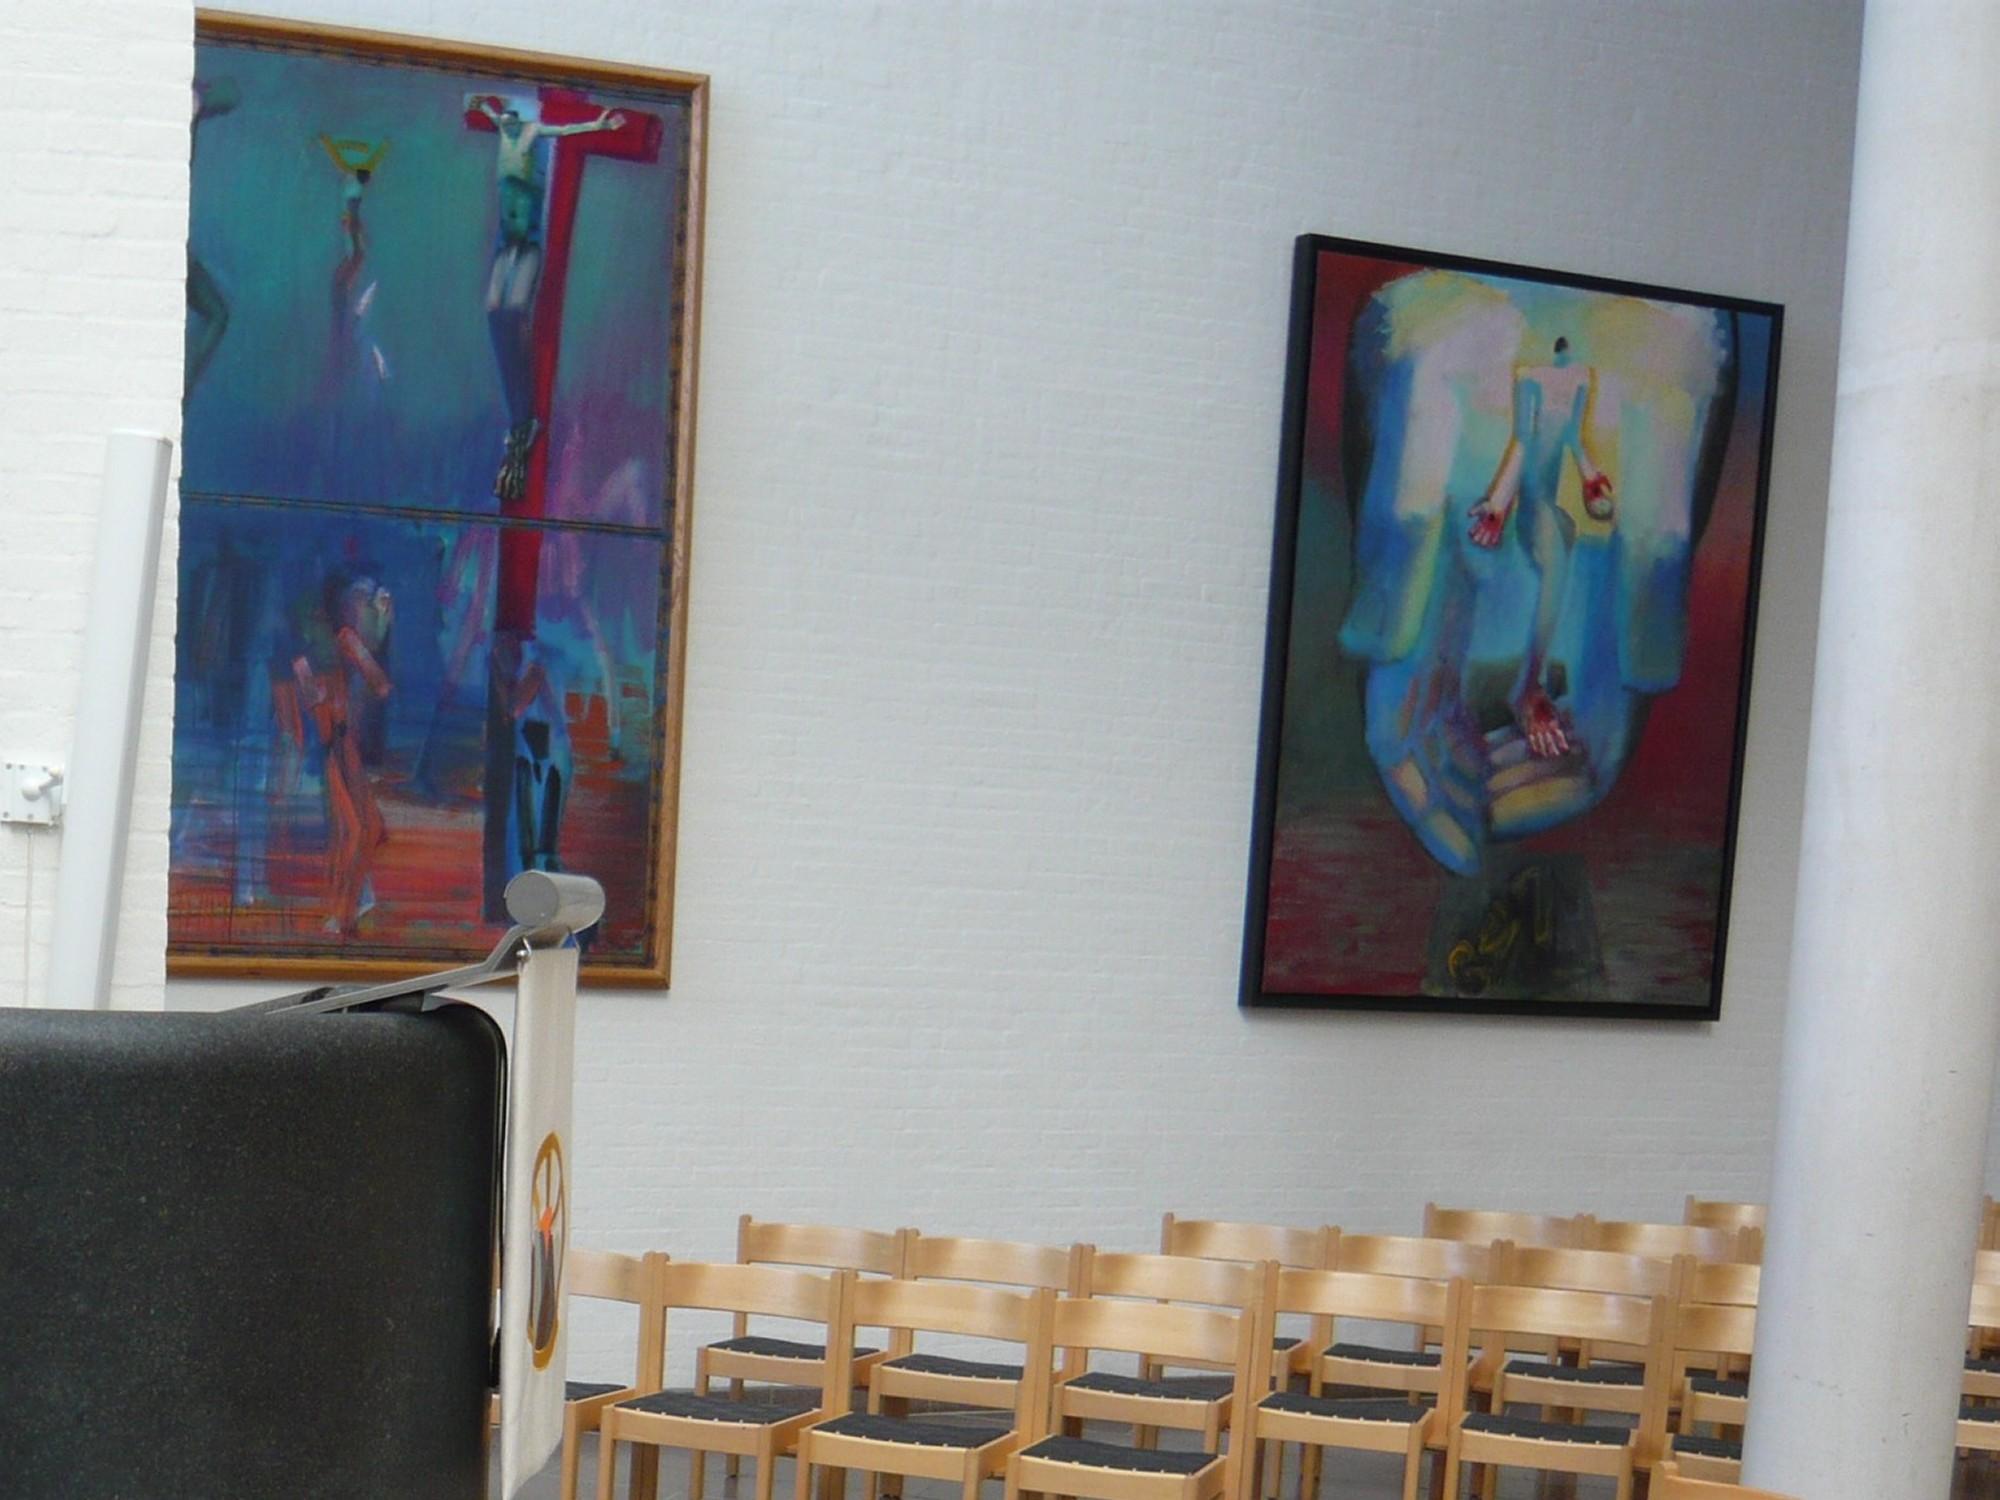 Haugen Sorensen, Arne_Crucifixion and Resurrection (Fonnesbaek)